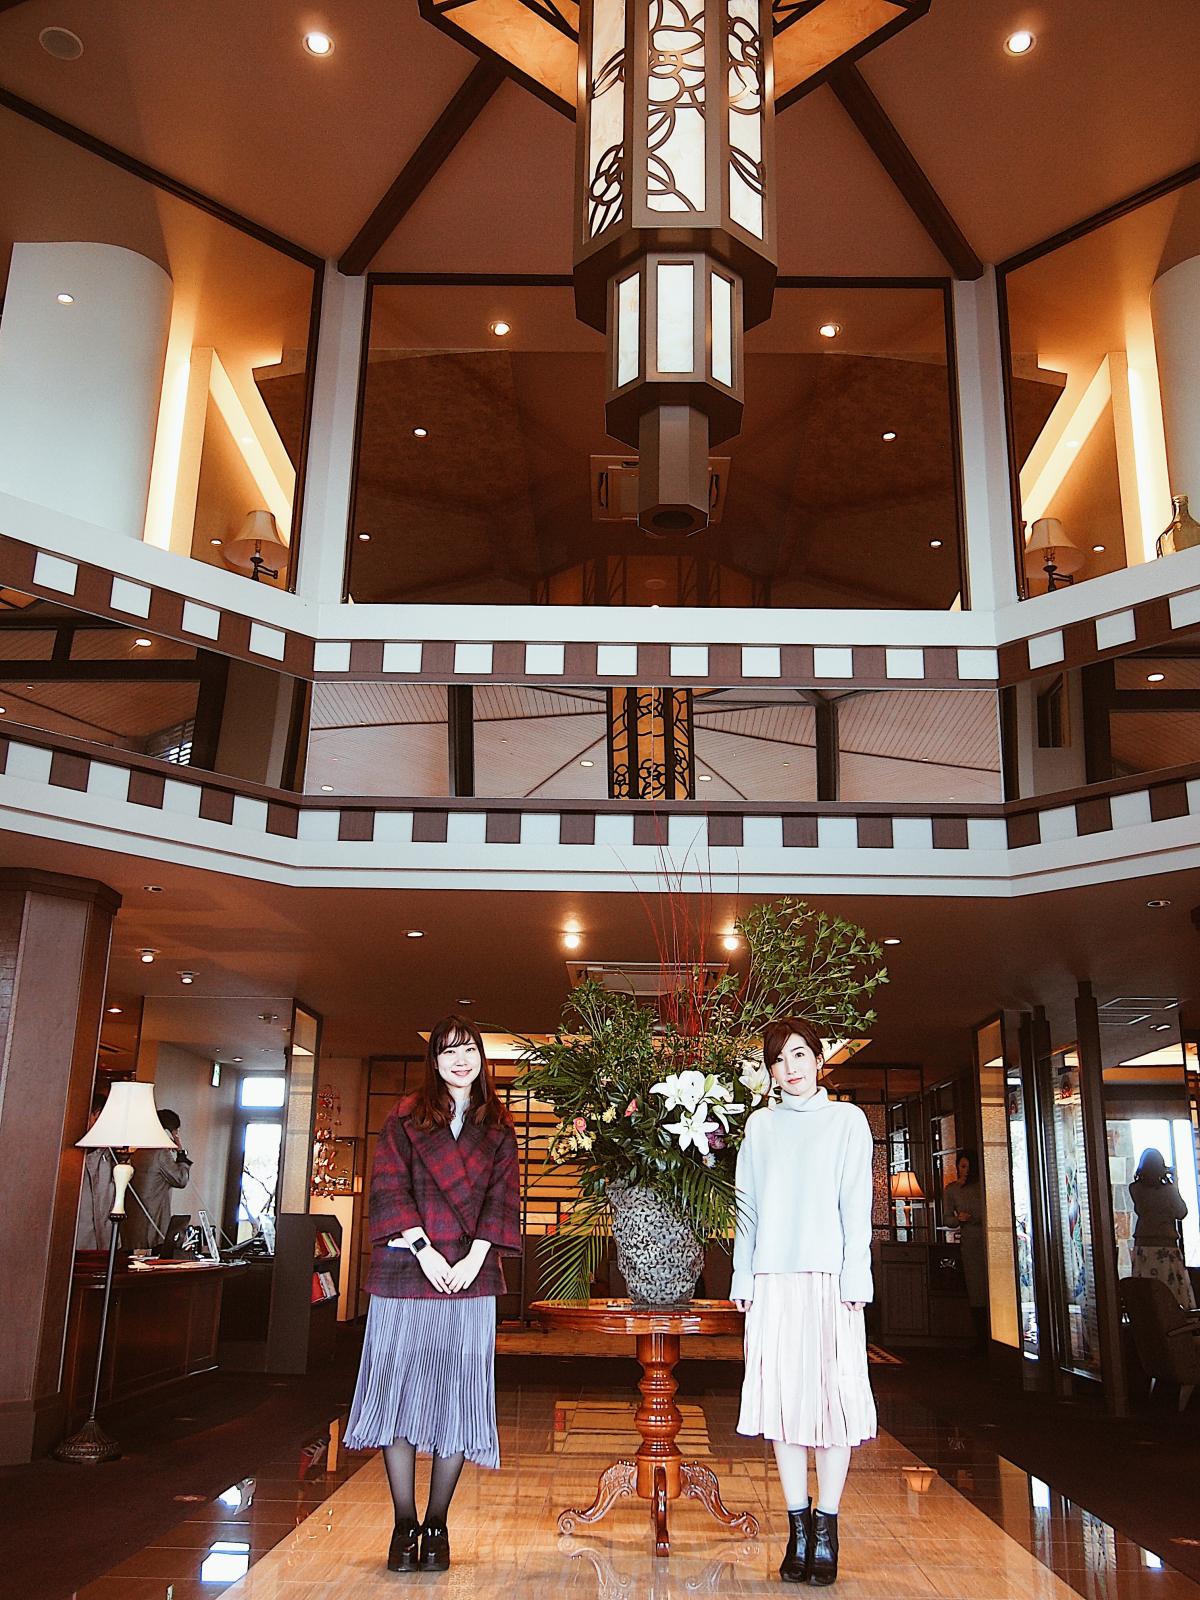 《吉祥CARAN》伊豆のおしゃれな隠れ家リゾートで温泉女子旅#1